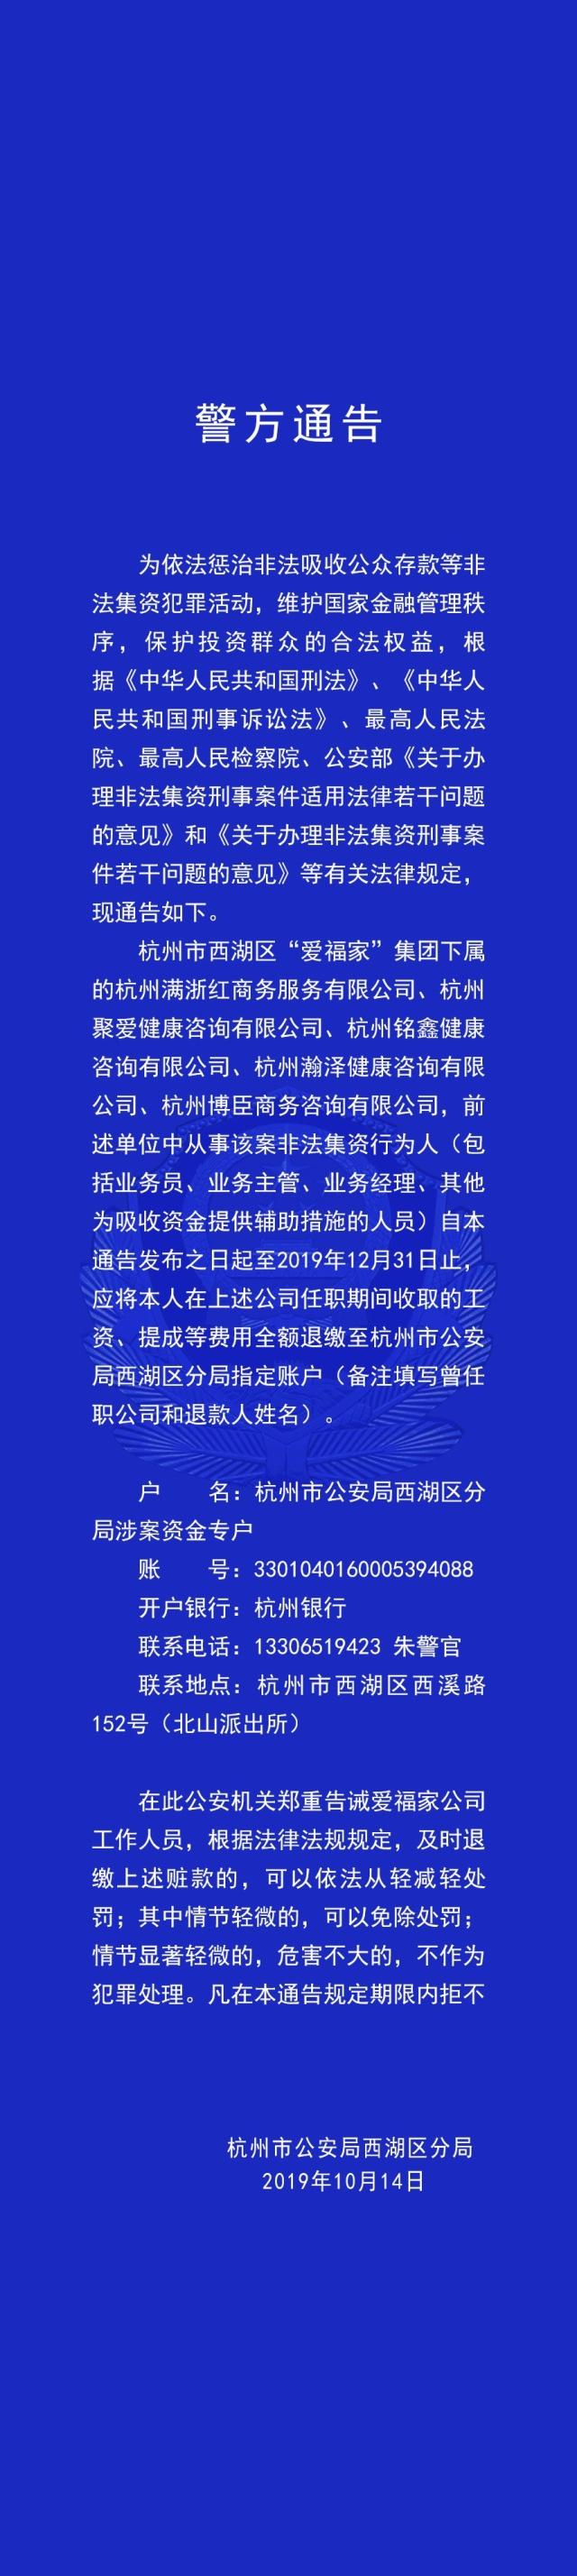 警方敦促杭州爱福家集团下属工作人员退缴赃款